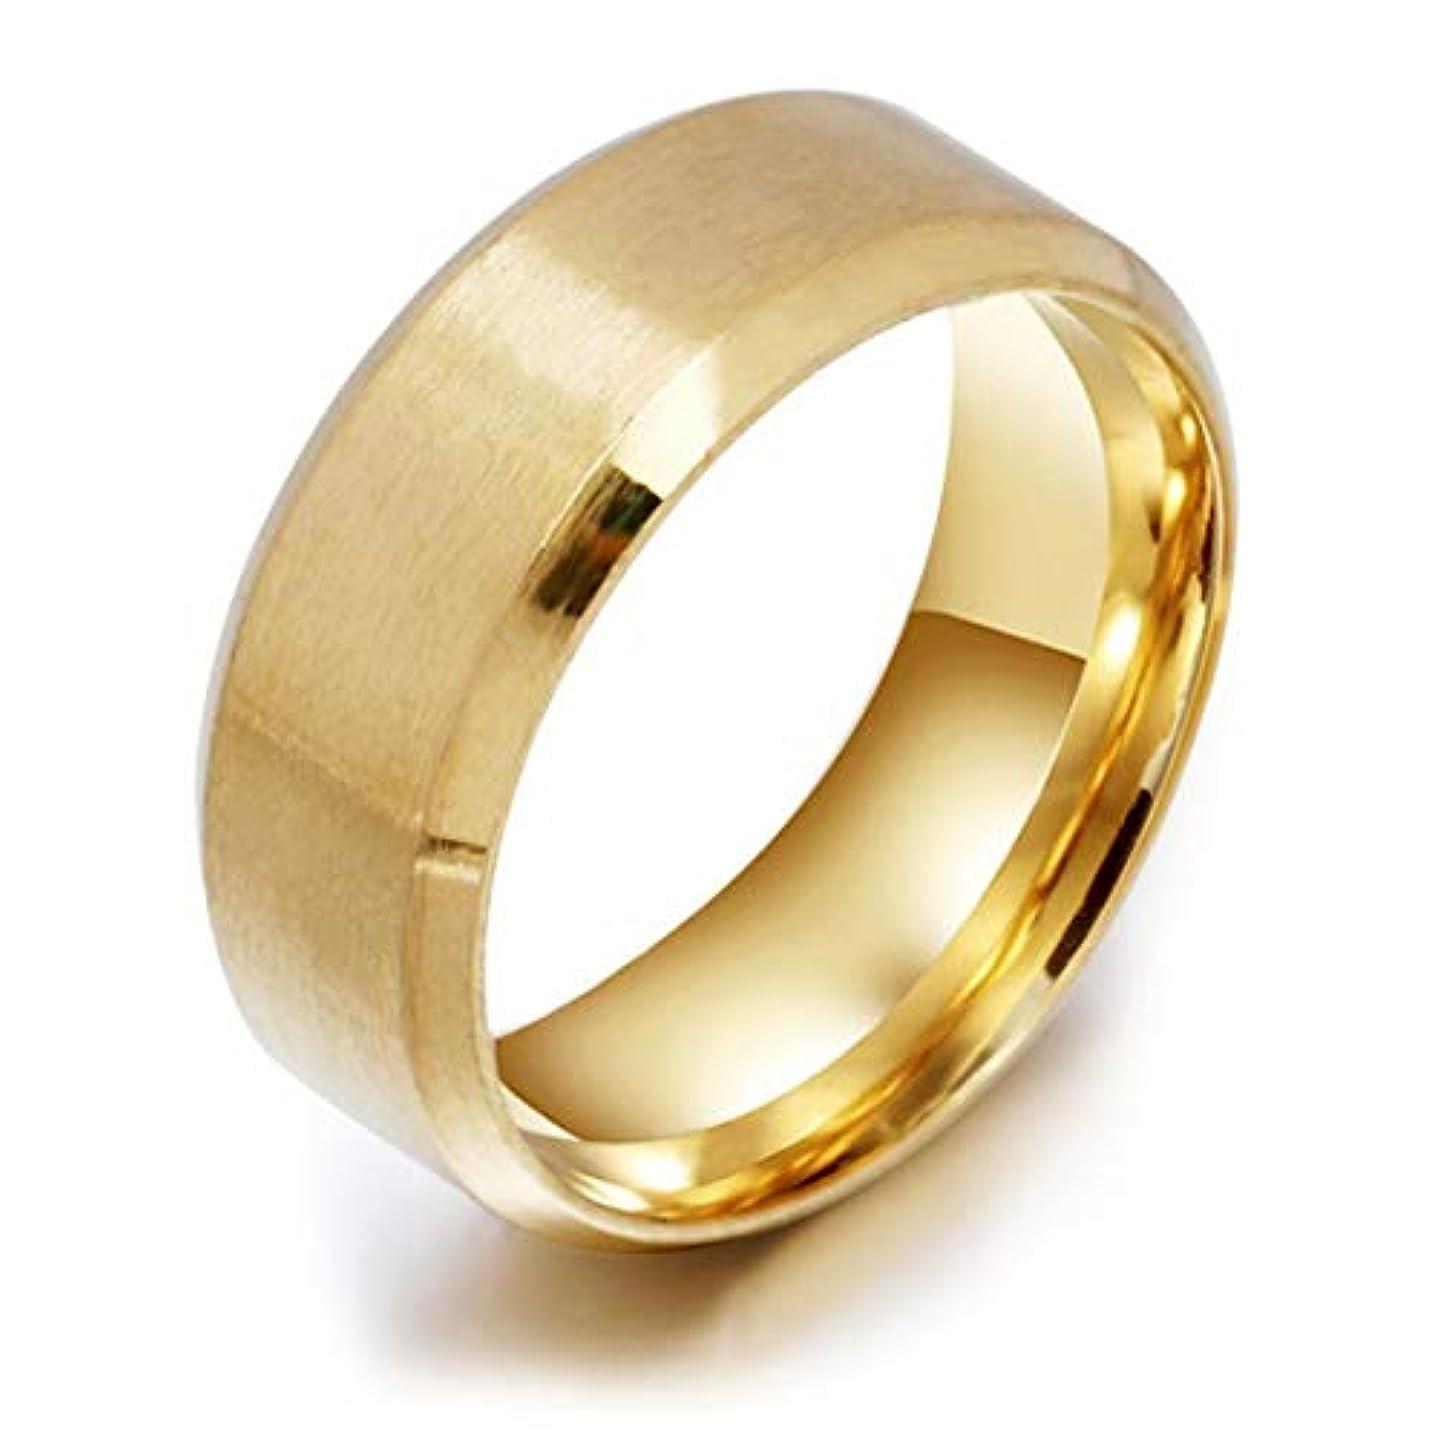 この円周郵便番号ステンレス鋼の医療指リング磁気減量リング男性の女性のリングのための高いポーランドのファッションジュエリー (Panda) (色:シルバー)